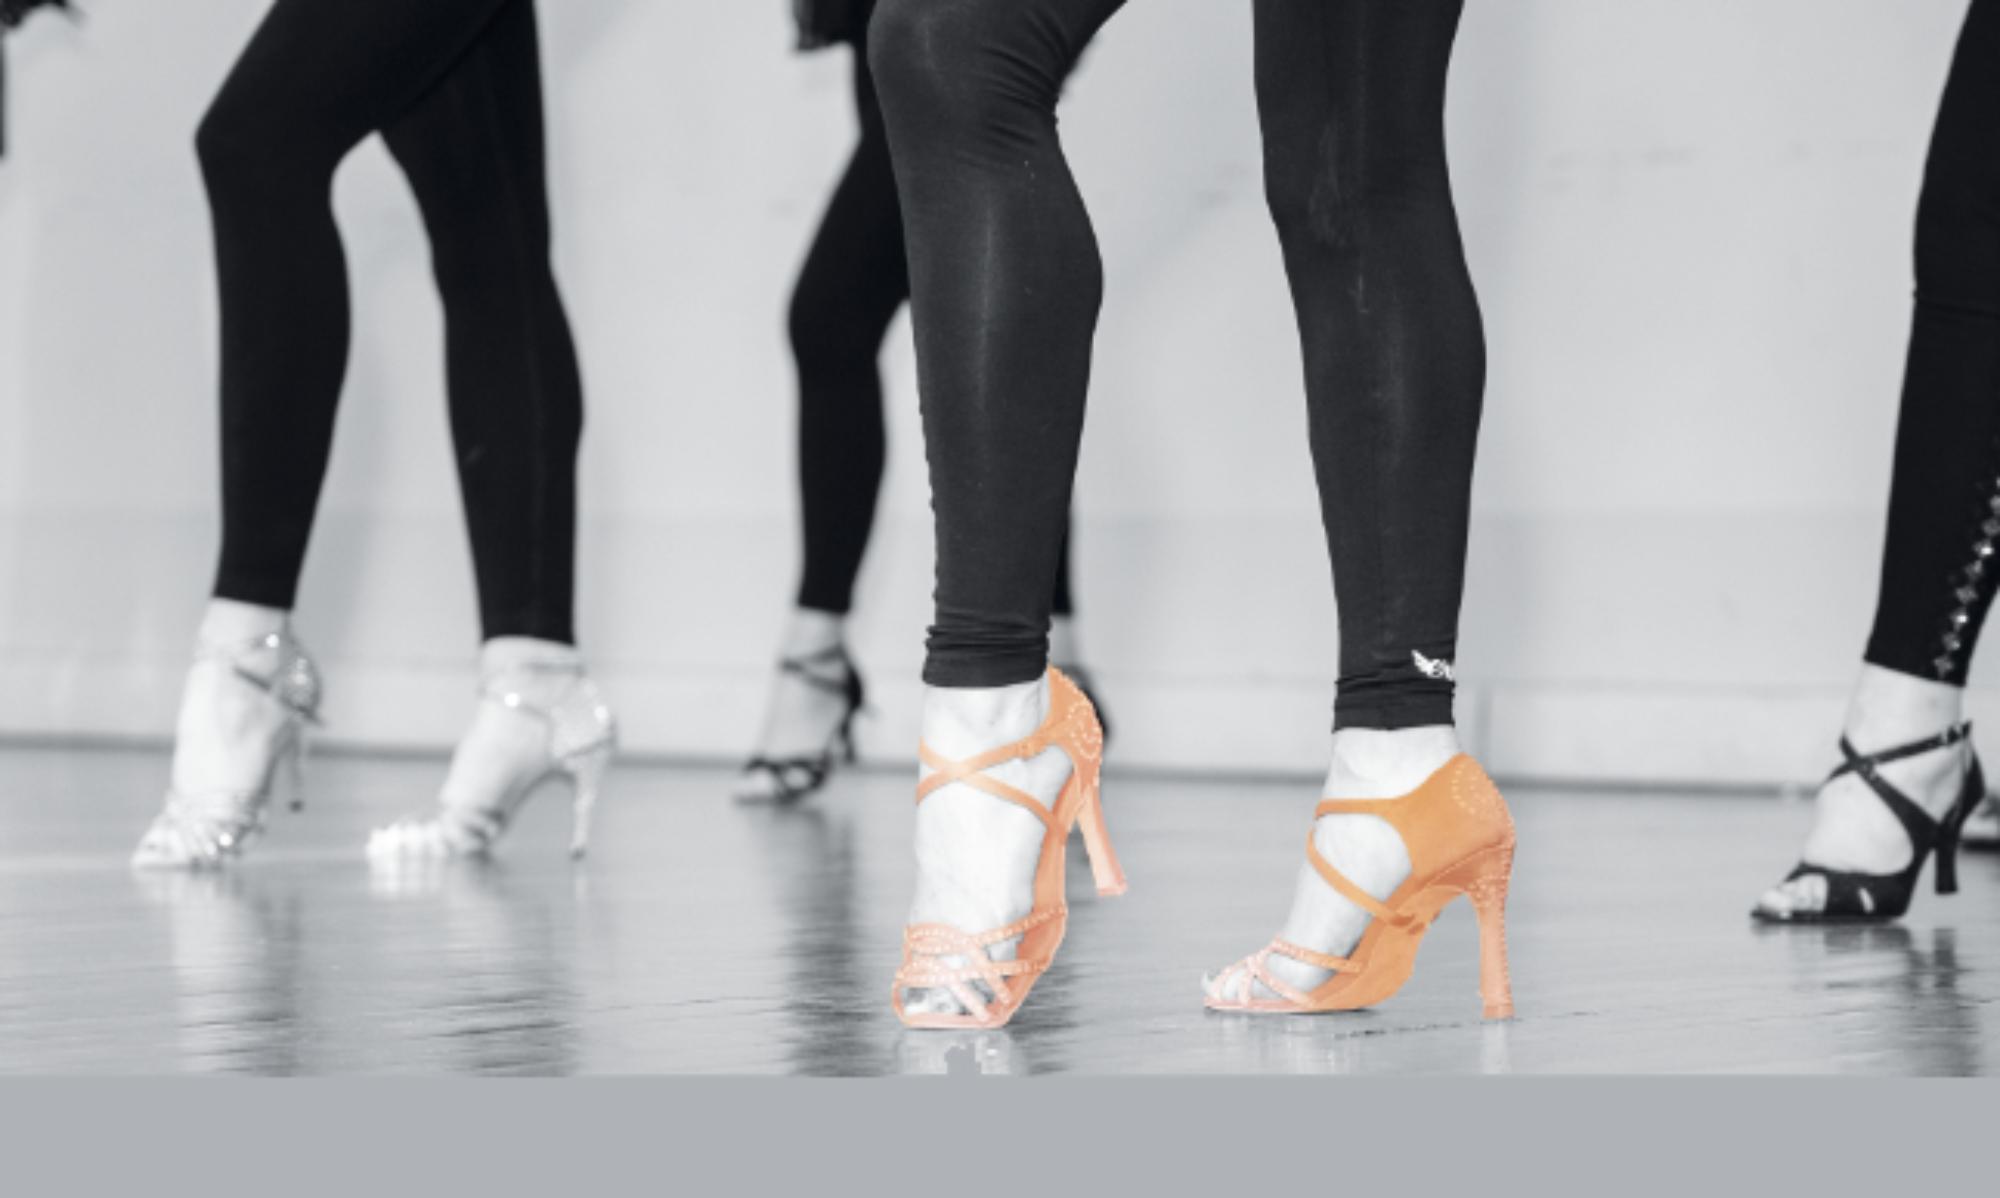 pameladanze zumba & corso di ballo sexy